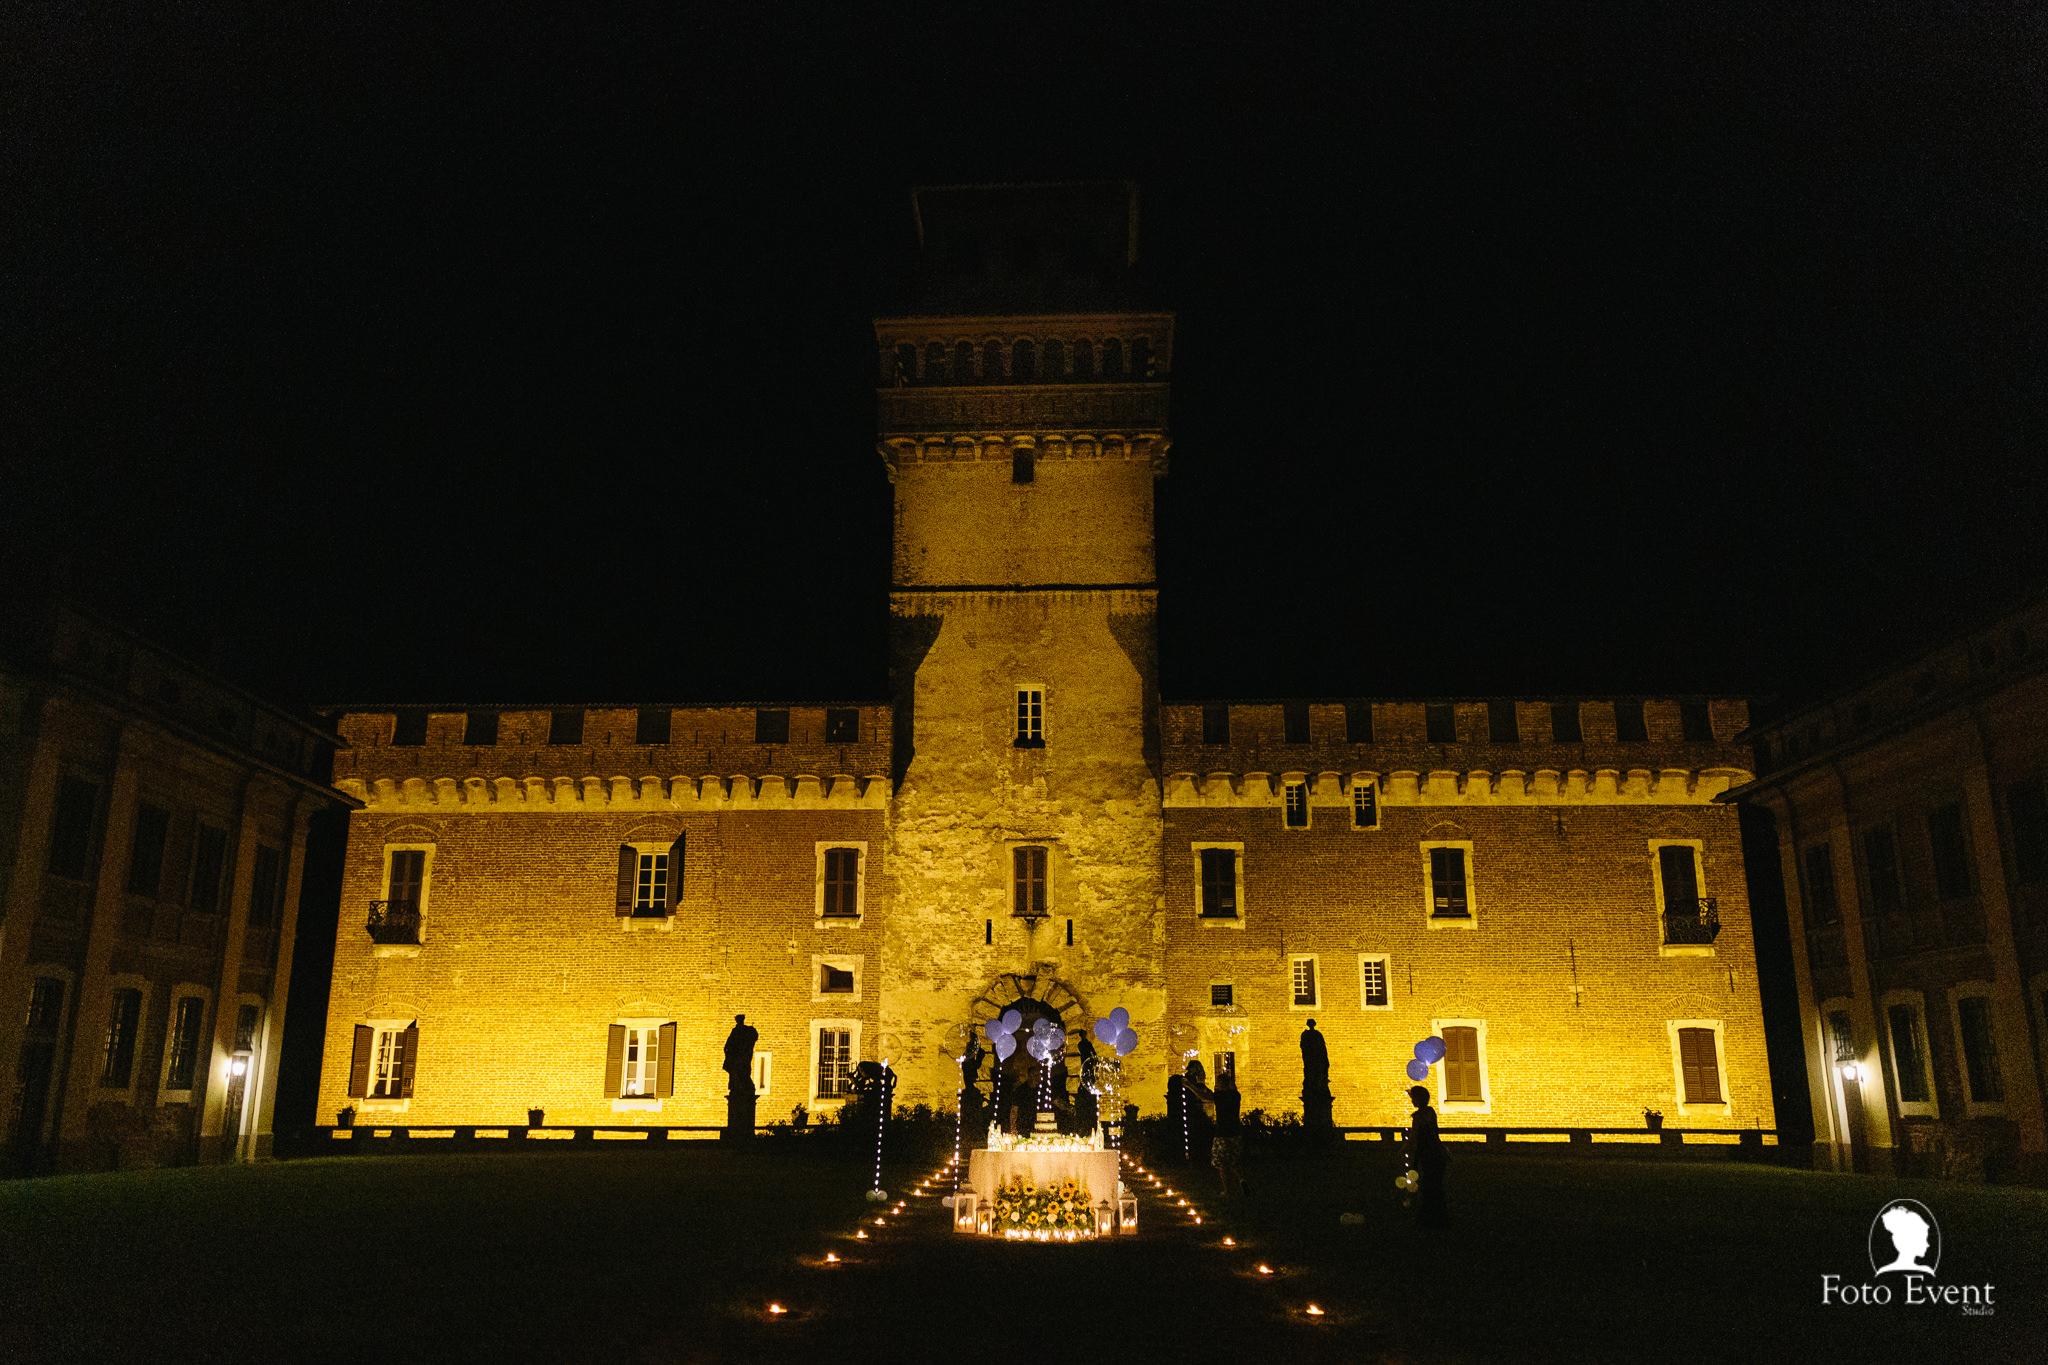 083-2019-07-27-Matrimonio-Valentina-e-Alessandro-Pettinari-5DE-1674